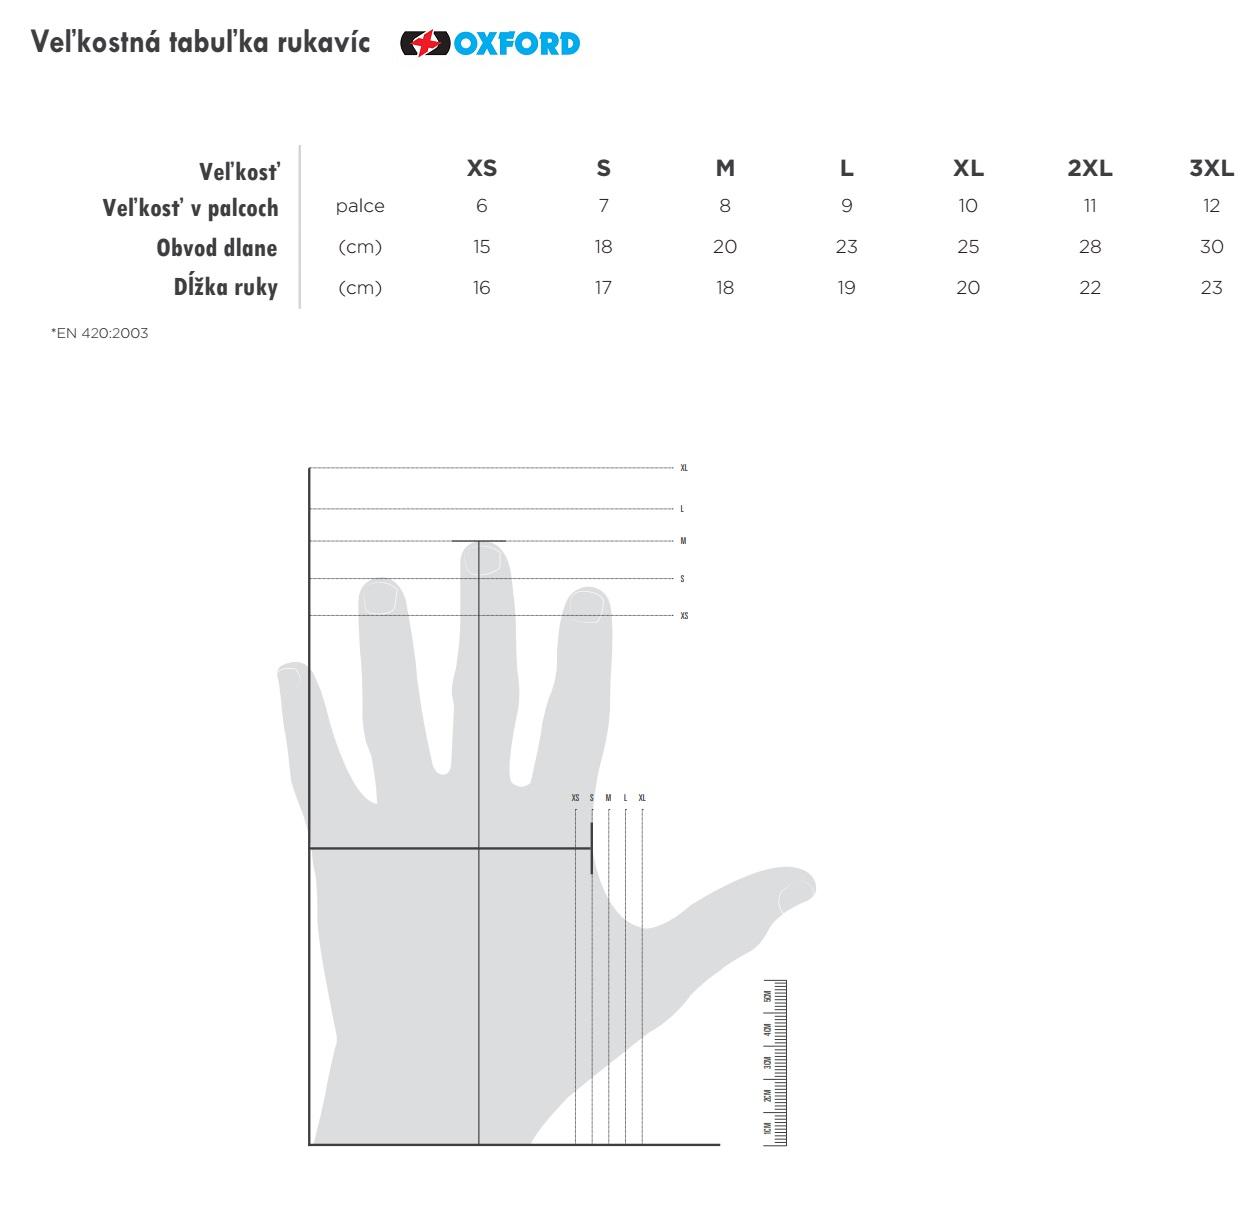 Veľkostná tabuľka rukavíc OXFORD